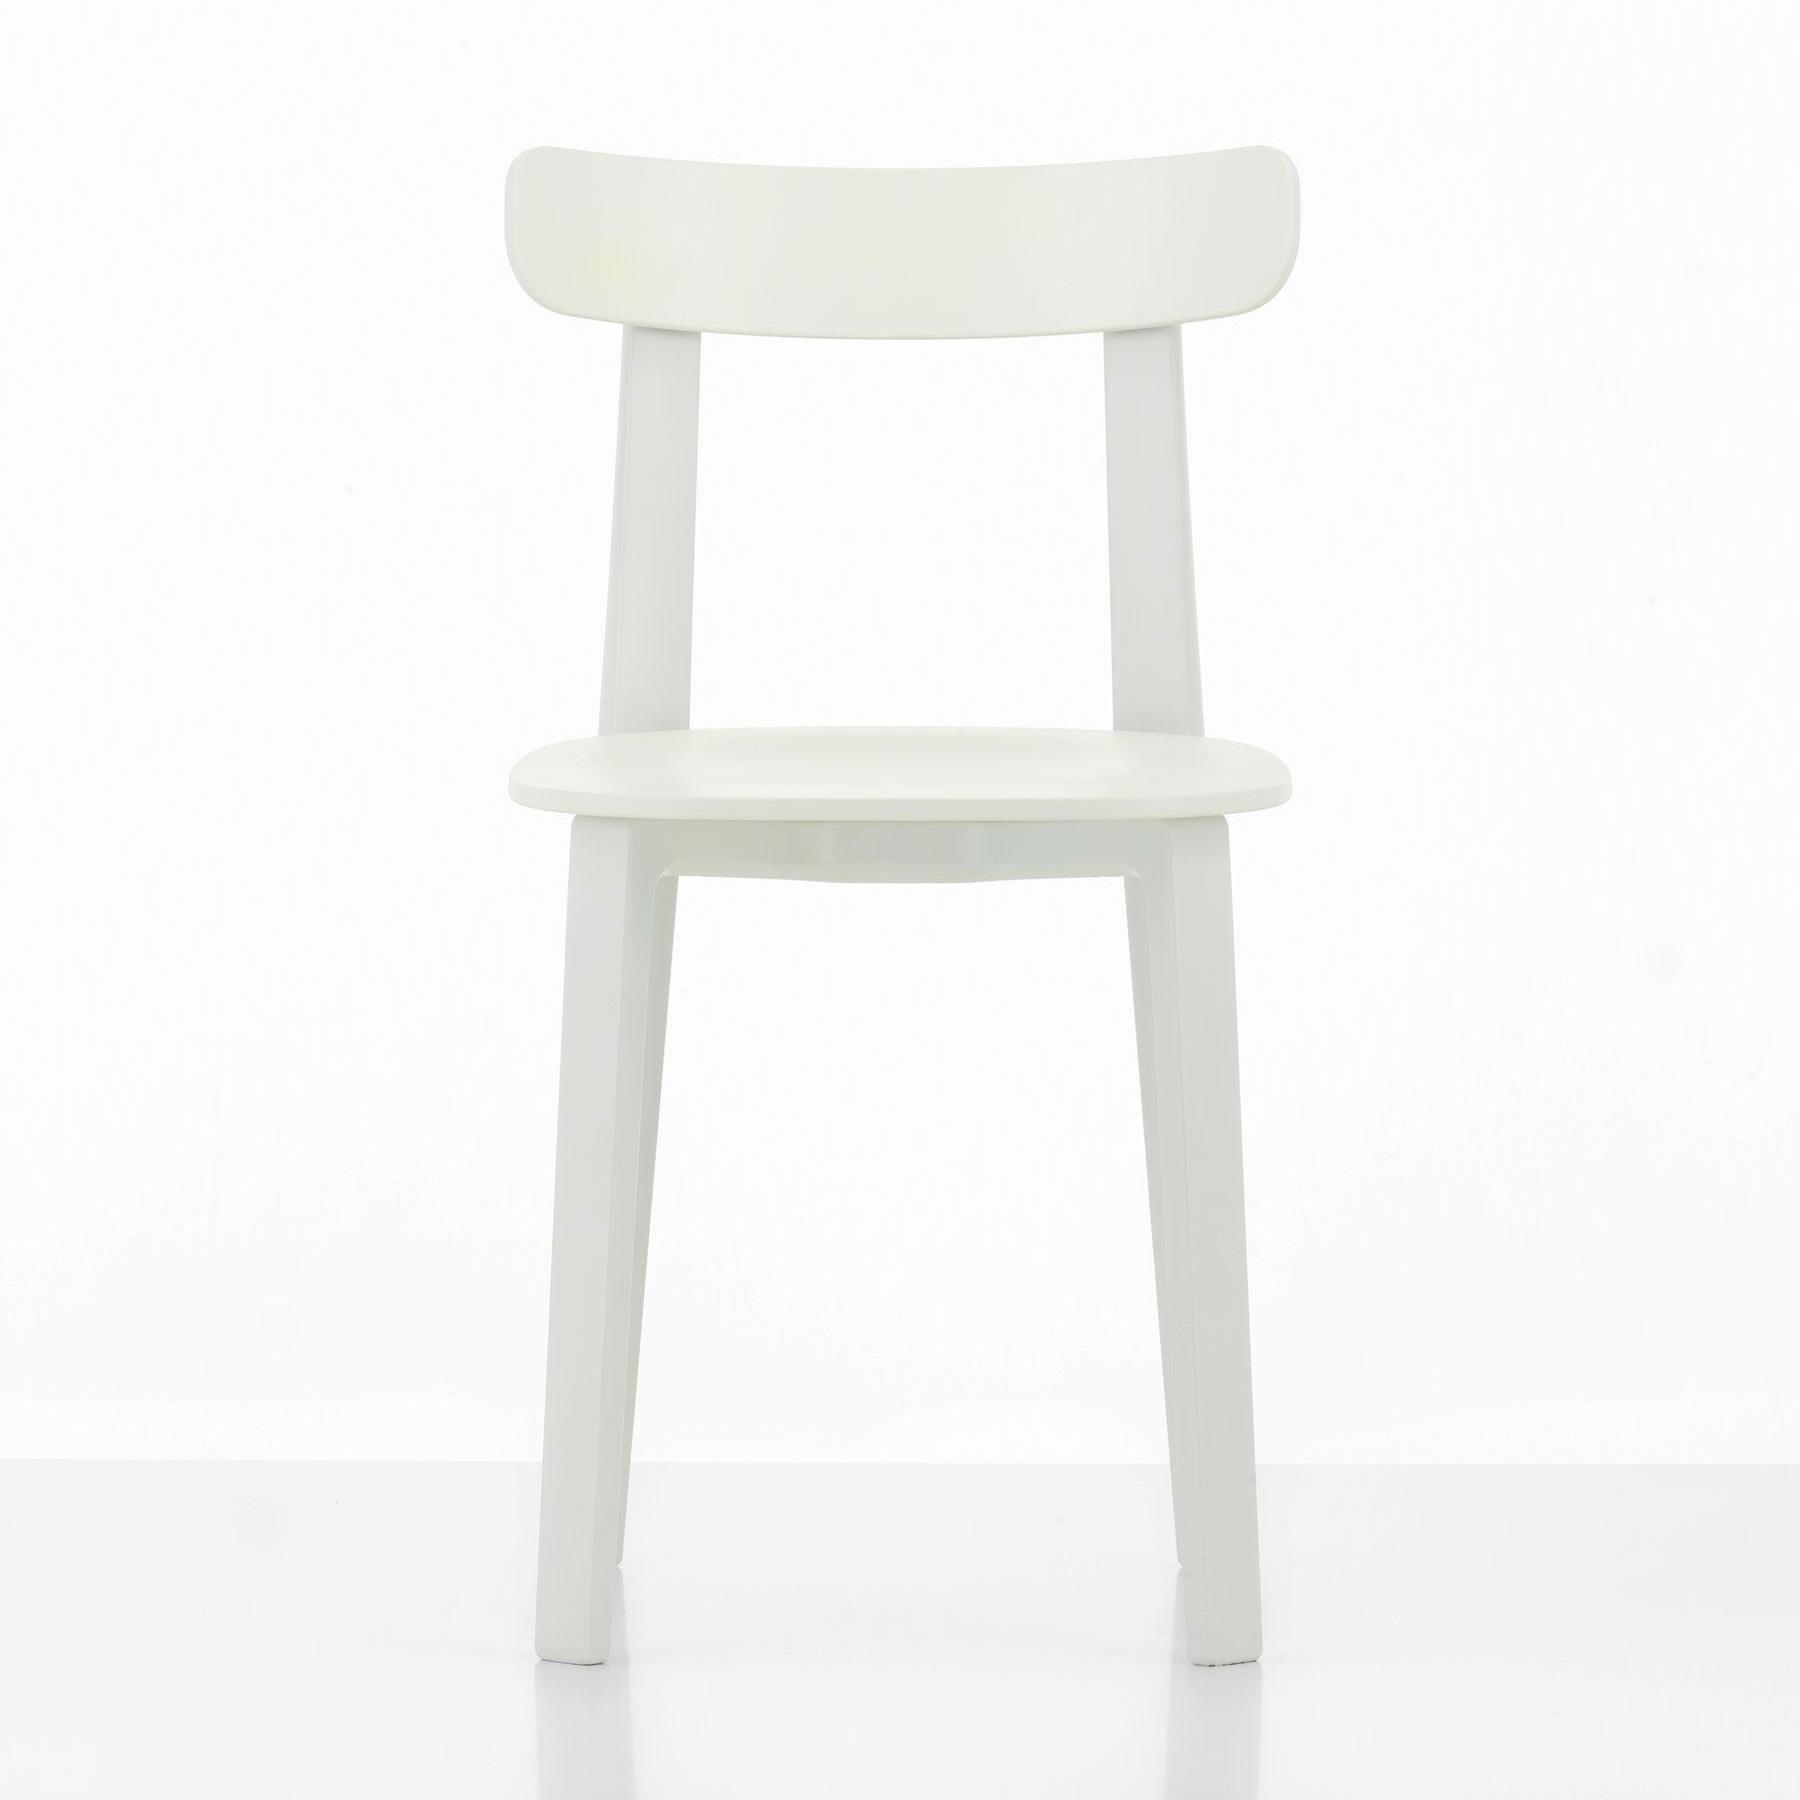 Vitra Stuhl Jasper Morrison All Plastic Chair Farbe braun für außen /& innen TOP